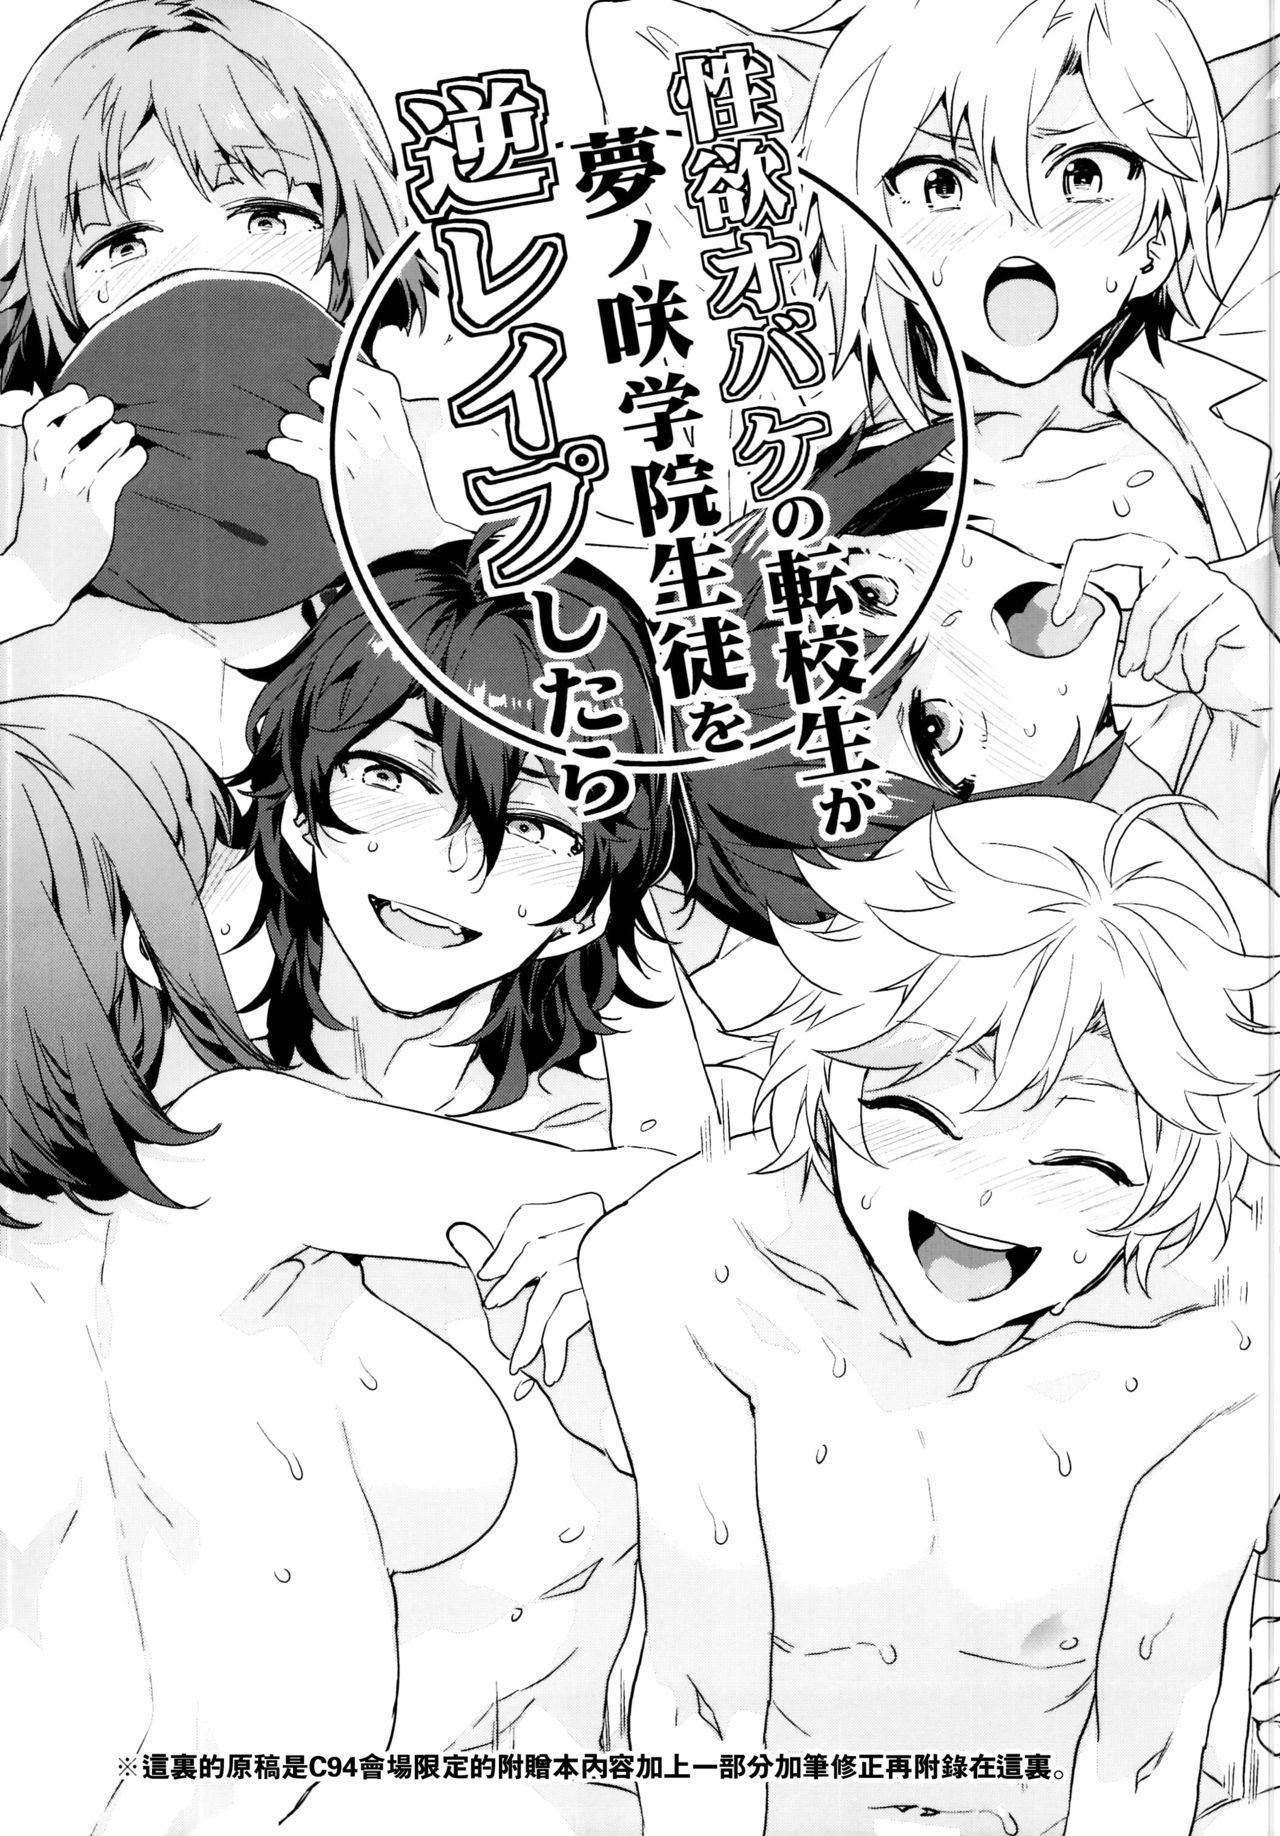 Yumenosaki Gakuin no Tenkousei-chan ga Idol no Tamago o Kuiarashiteru tte Hontou desu ka!? 26